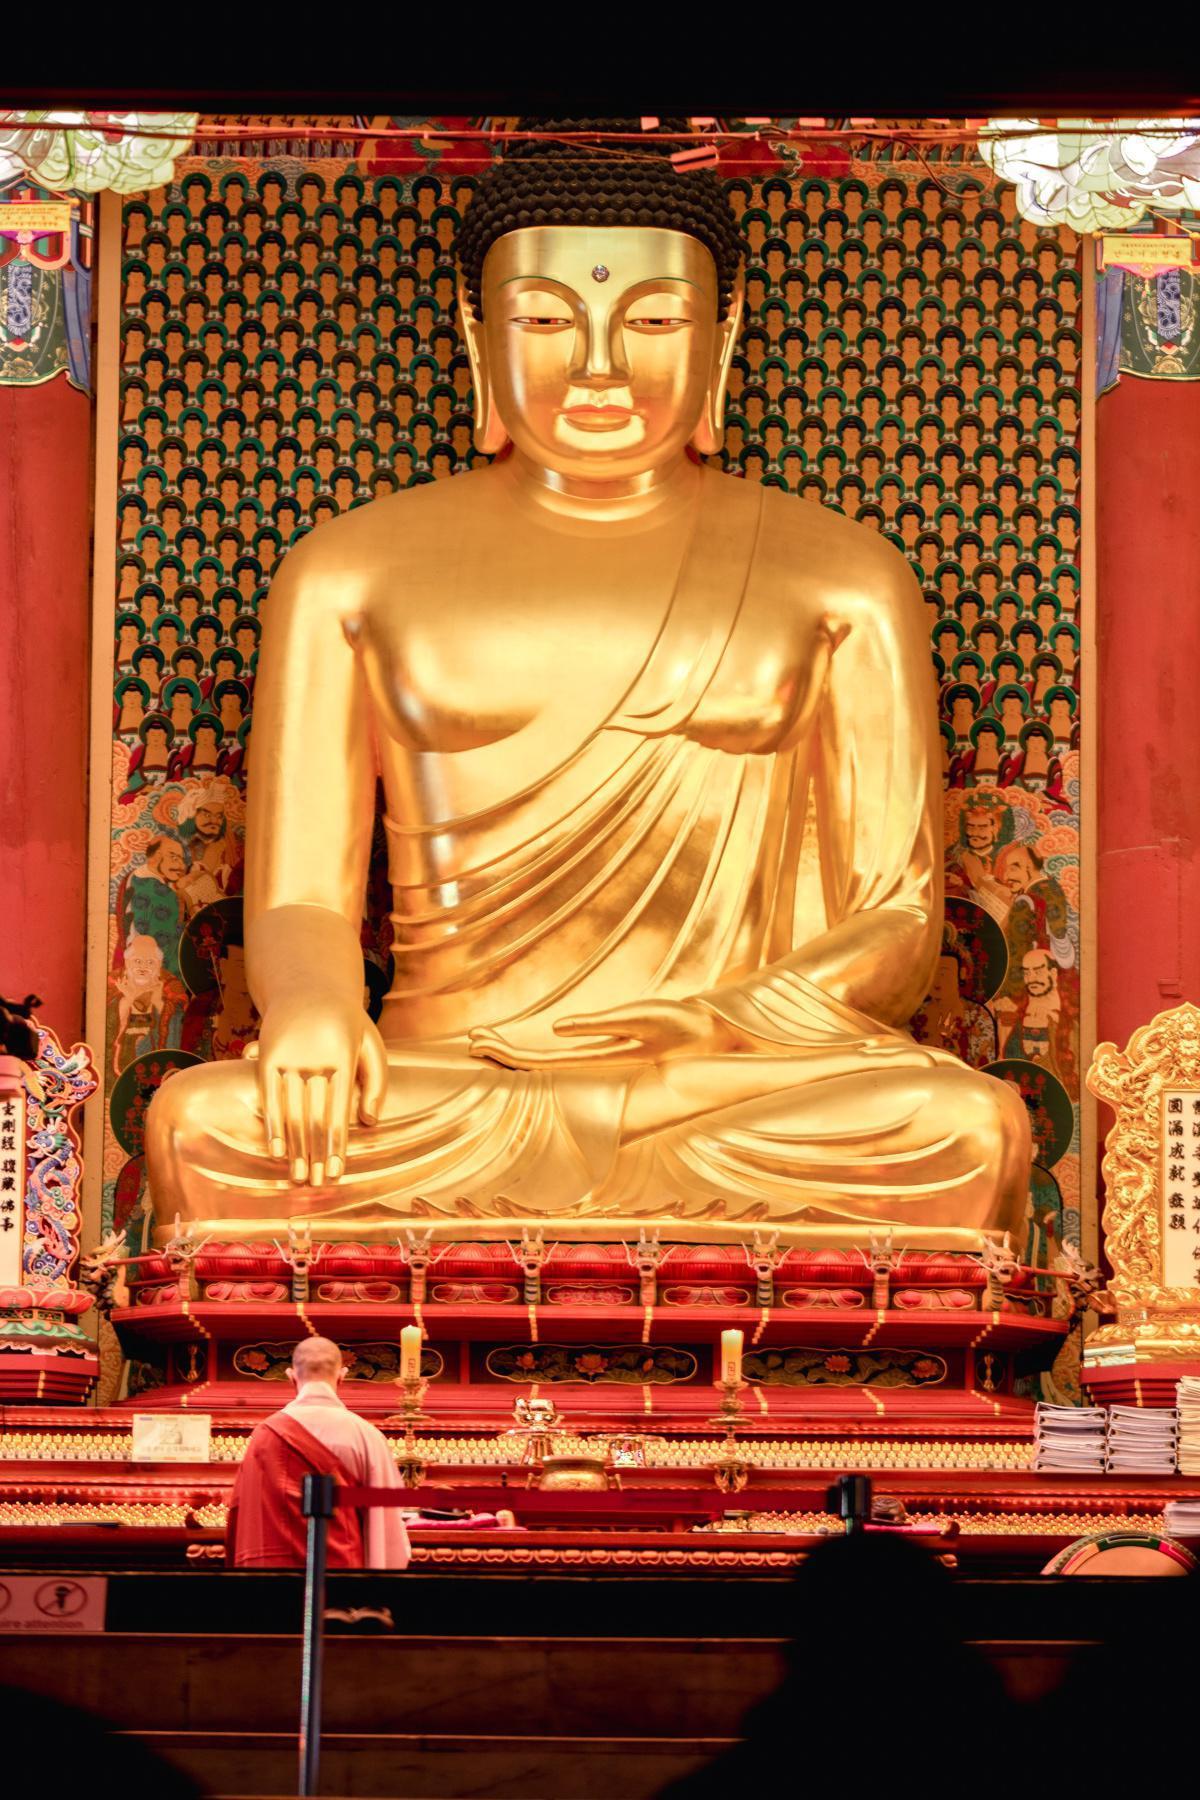 Wer war Bodhidharma?